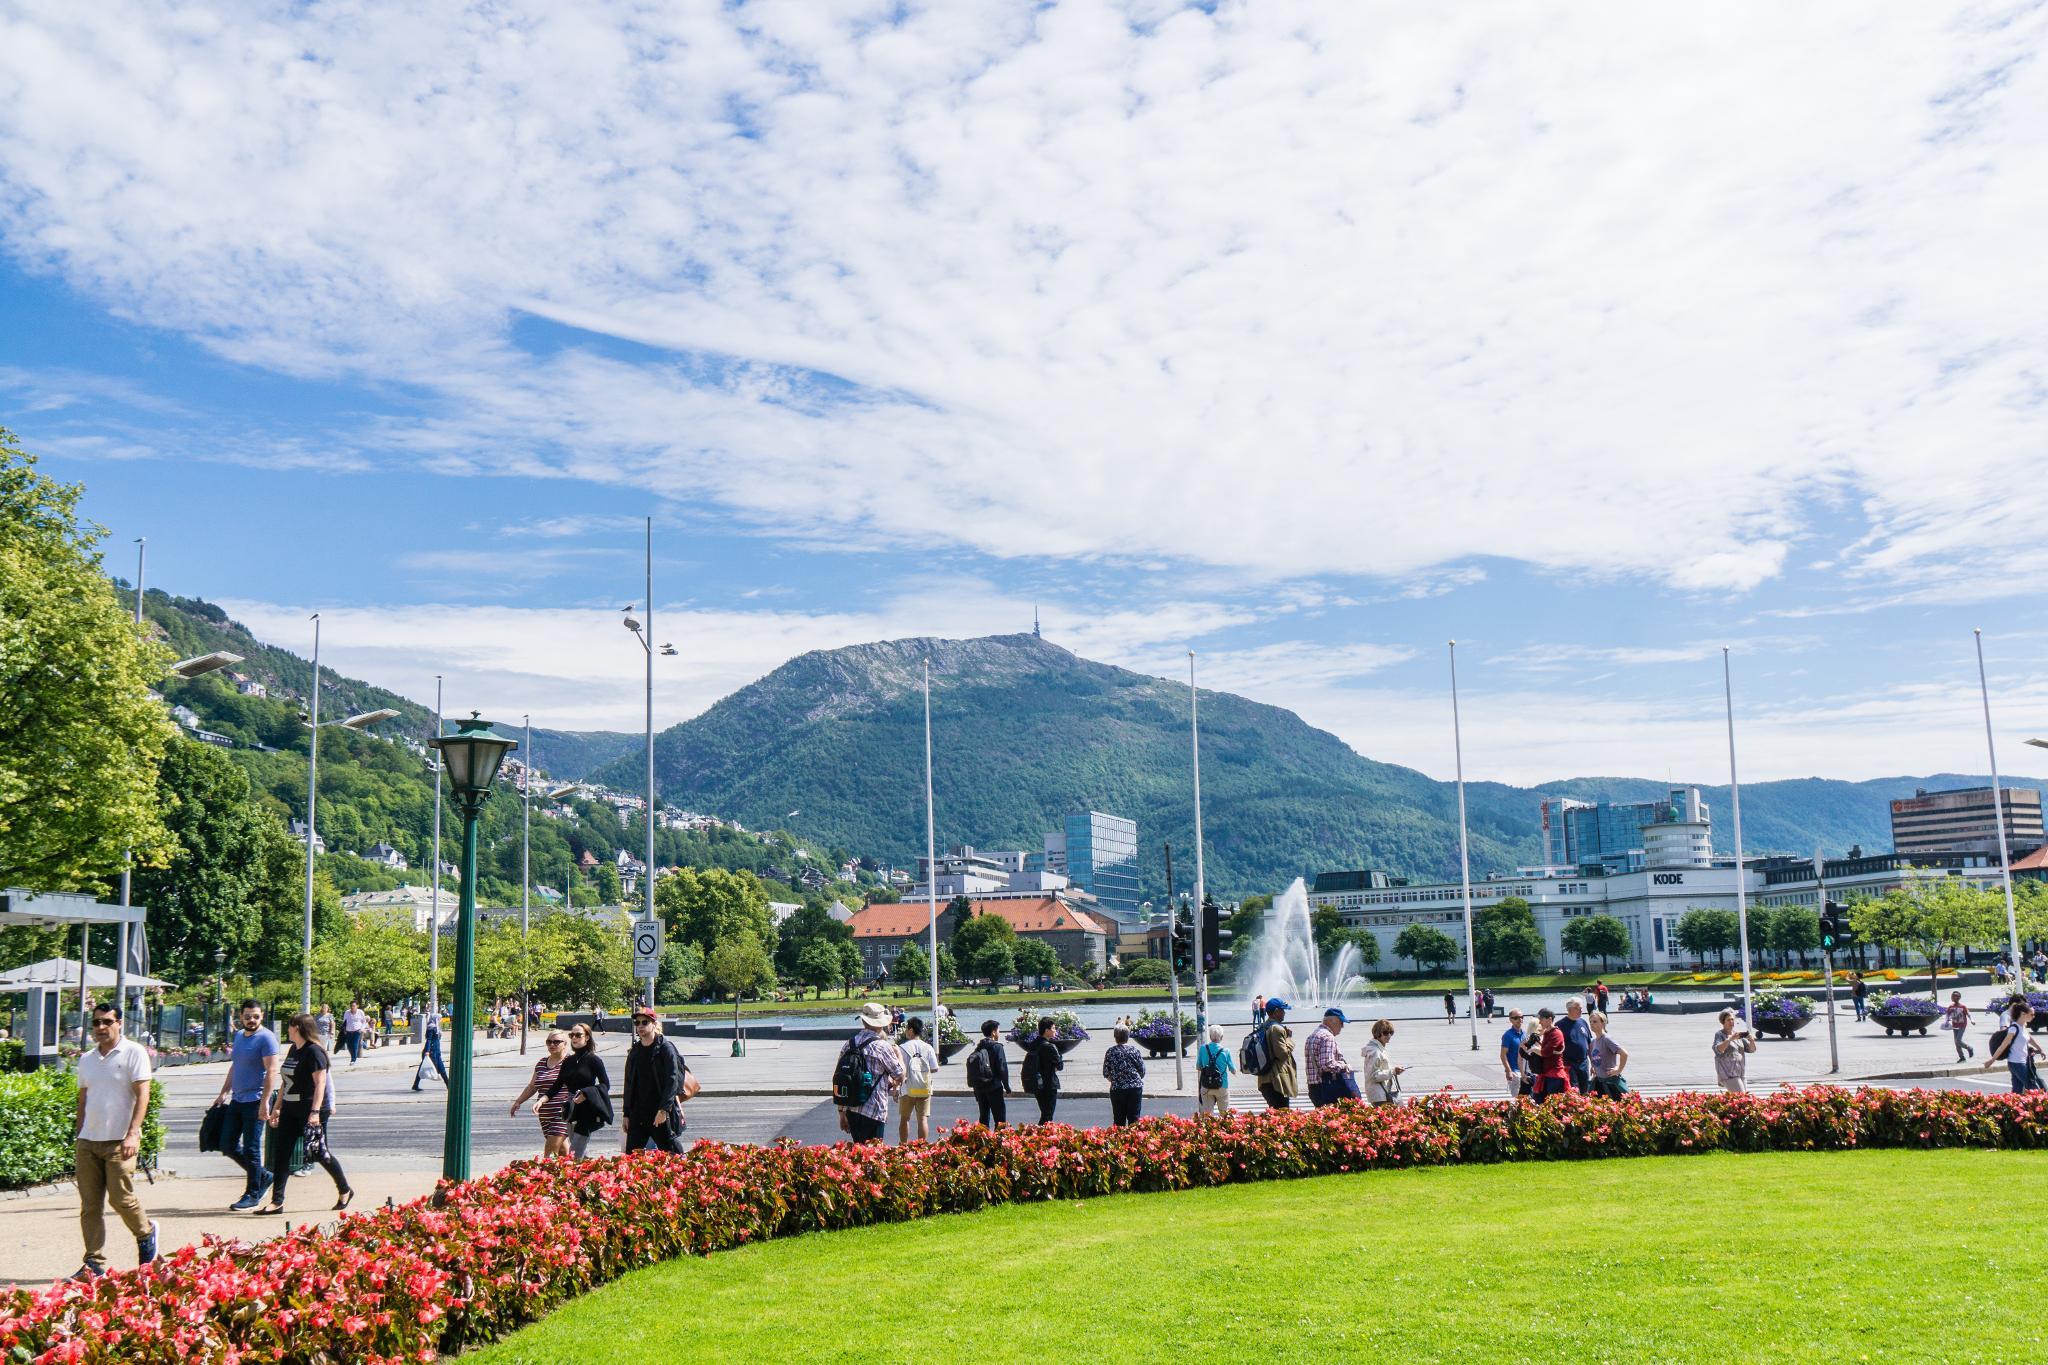 【卑爾根】童話北歐!卑爾根自由行景點全攻略 156